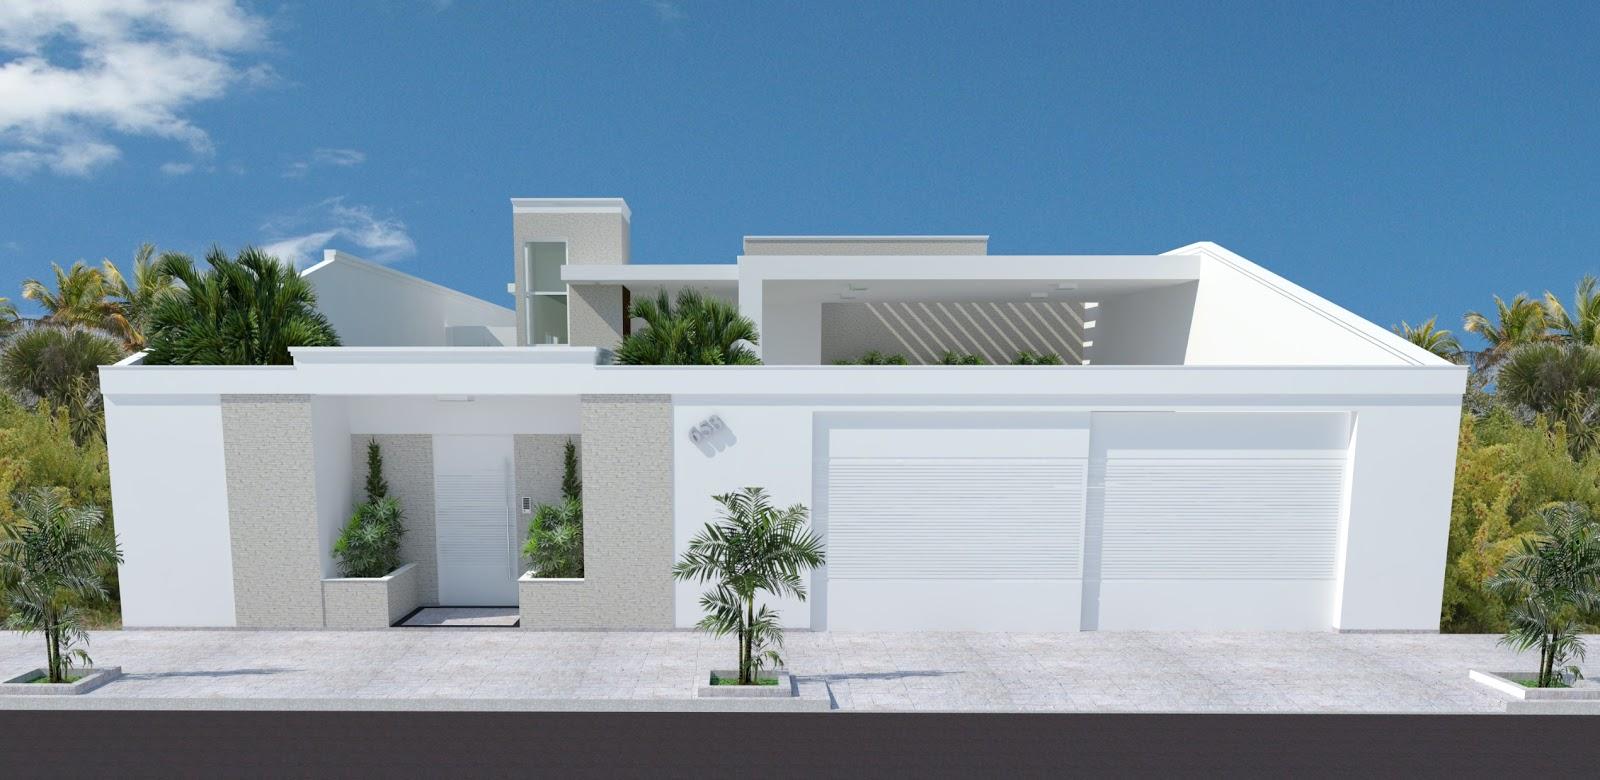 Fotos de terrazas en casas